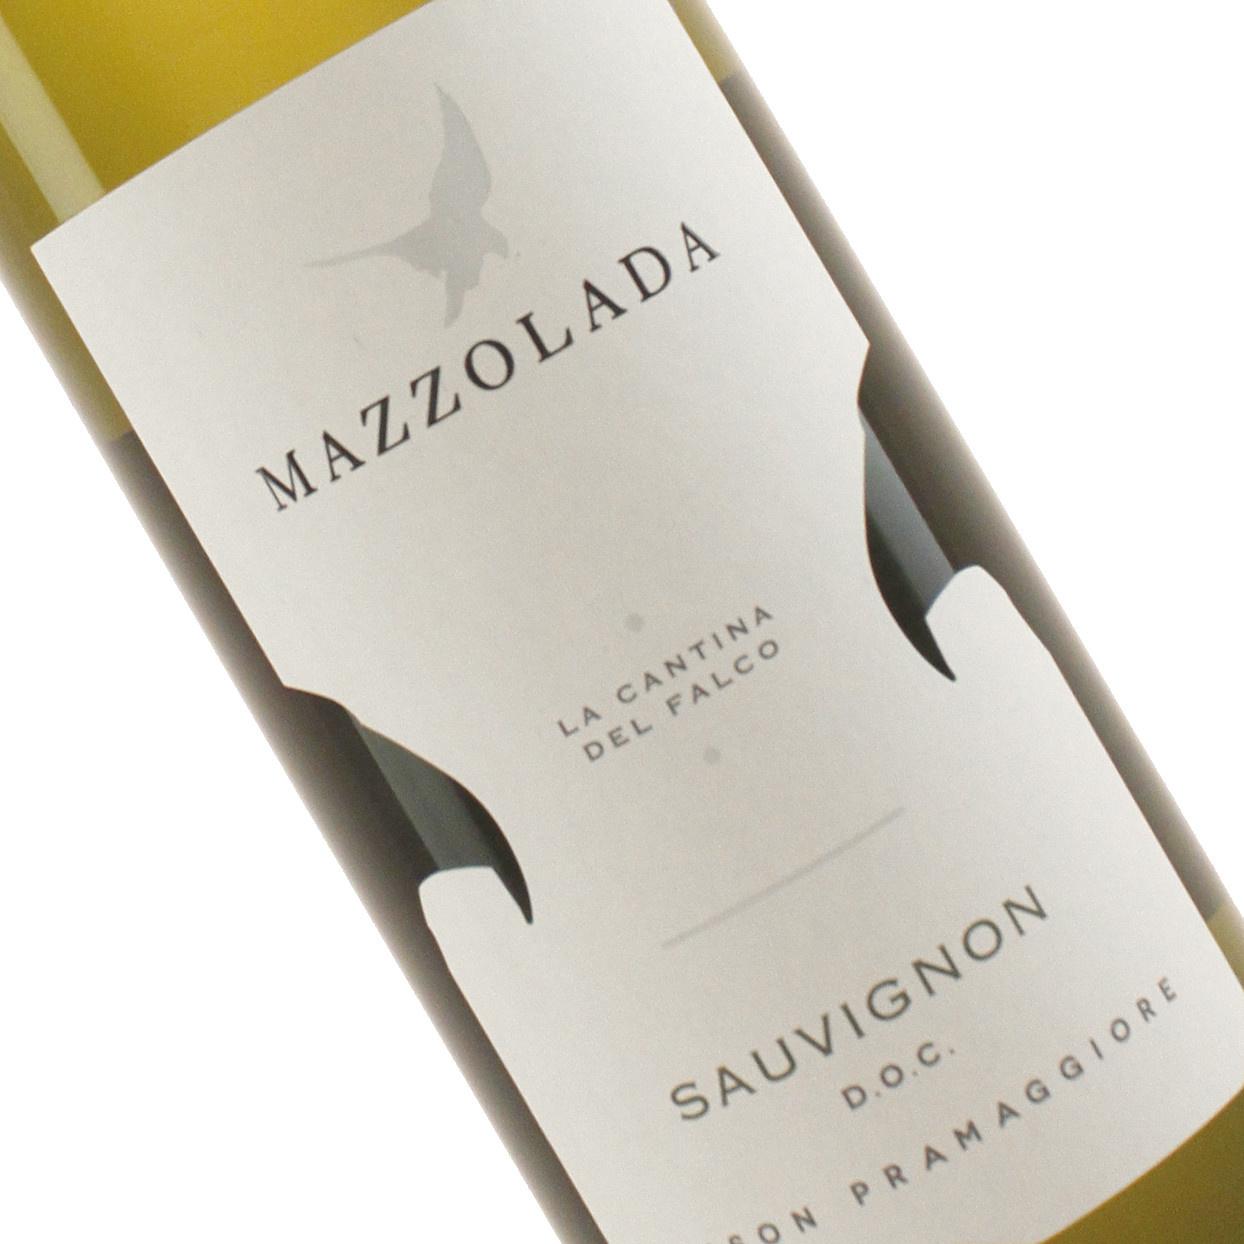 Mazzolada 2019 Sauvignon Blanc Lison Pramaggiore, Veneto Italy